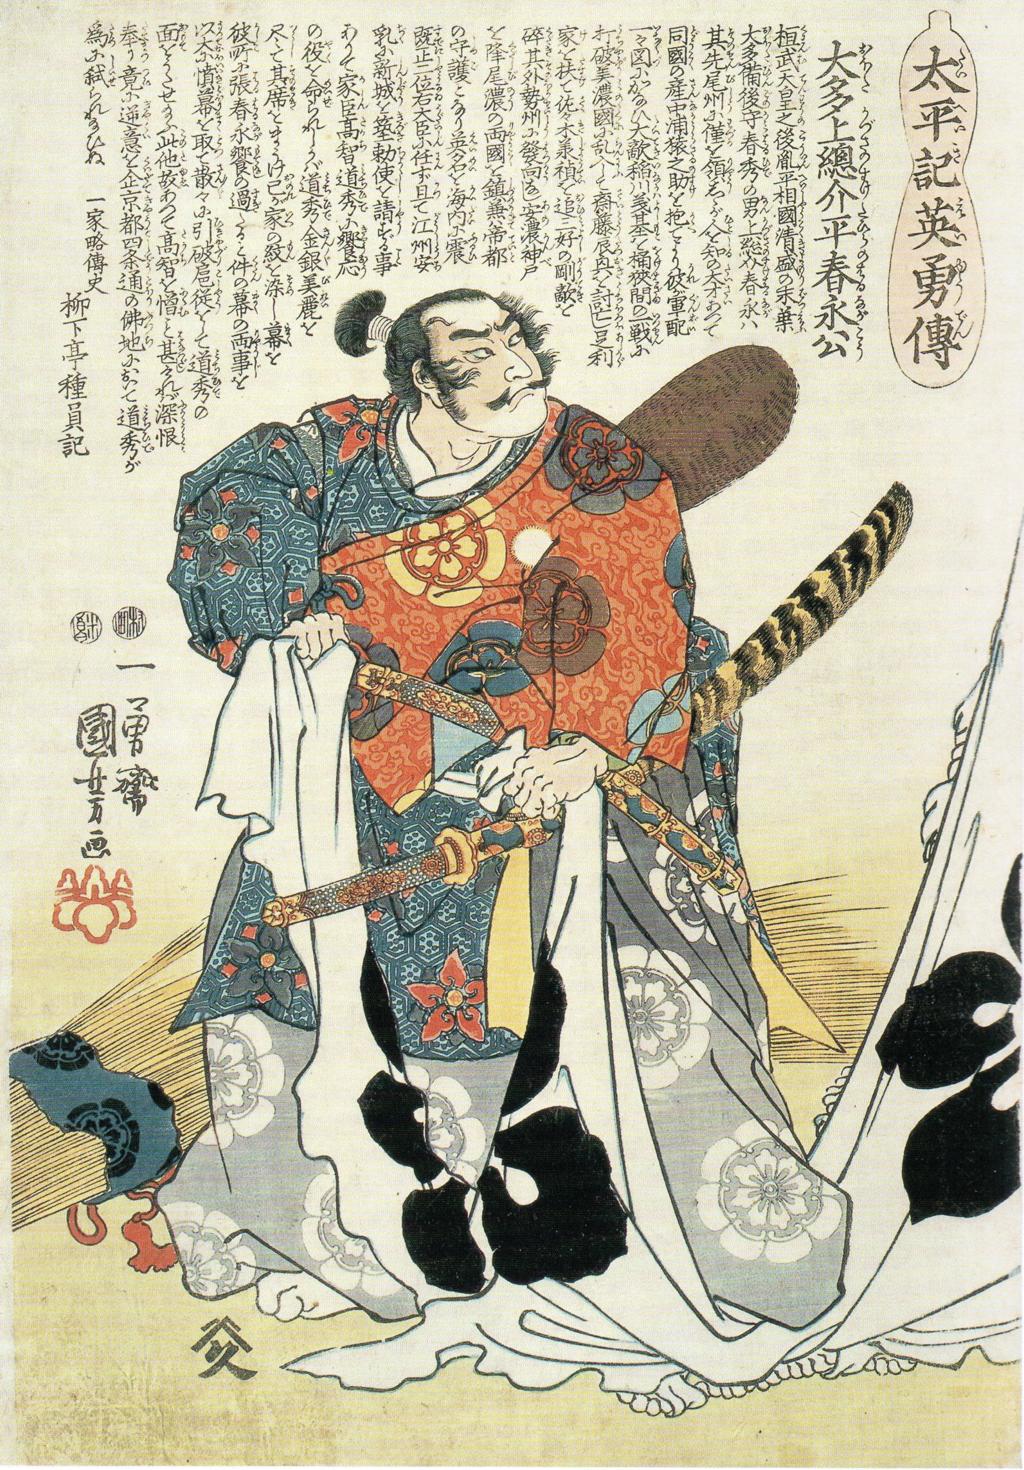 官兵衛 黒田